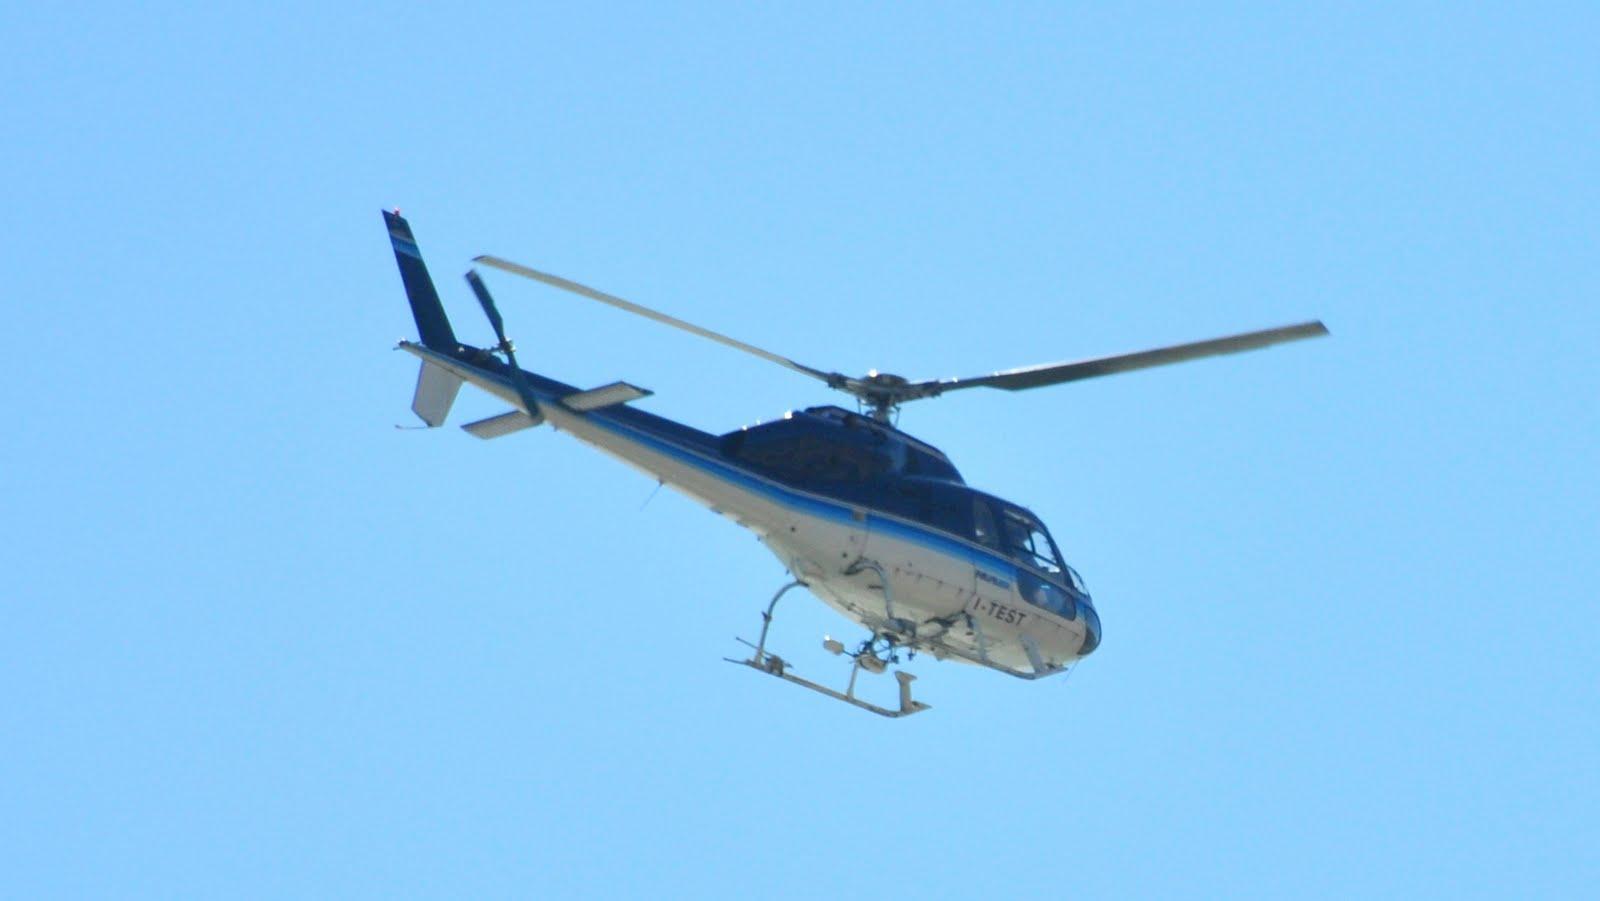 Elicottero Wasp : Wasp il cielo di sanremo anni puppa